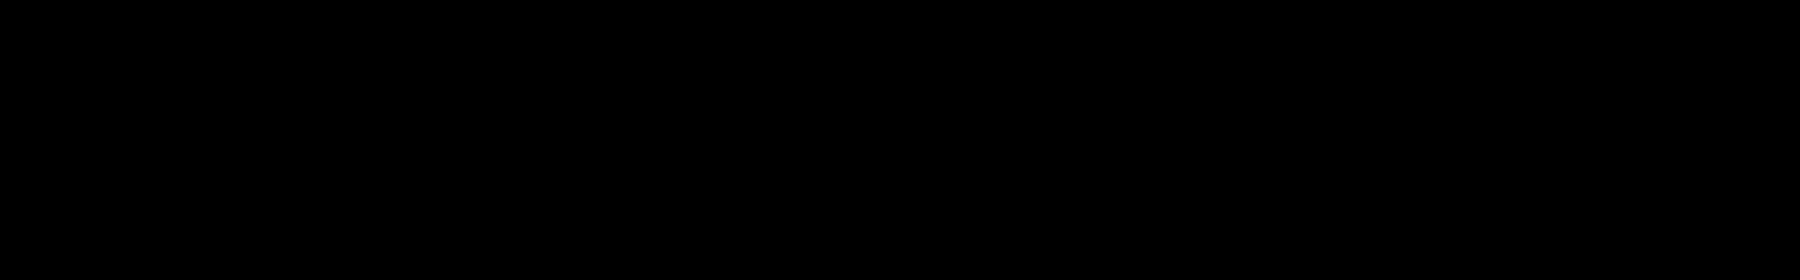 Glare [Melodic Techno Mini V3 Presets] audio waveform